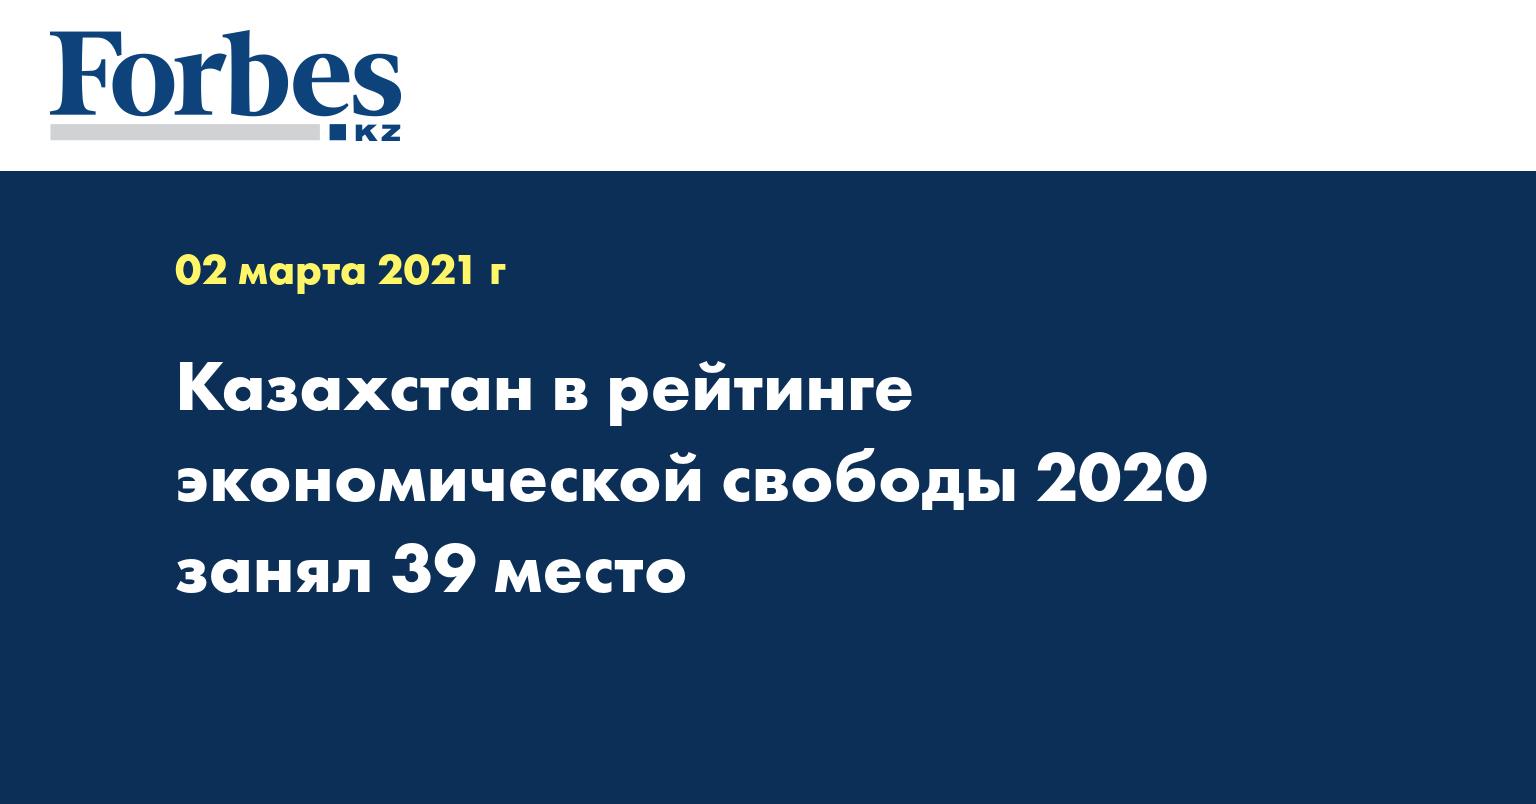 Казахстан в рейтинге экономической свободы 2020 занял 39 место